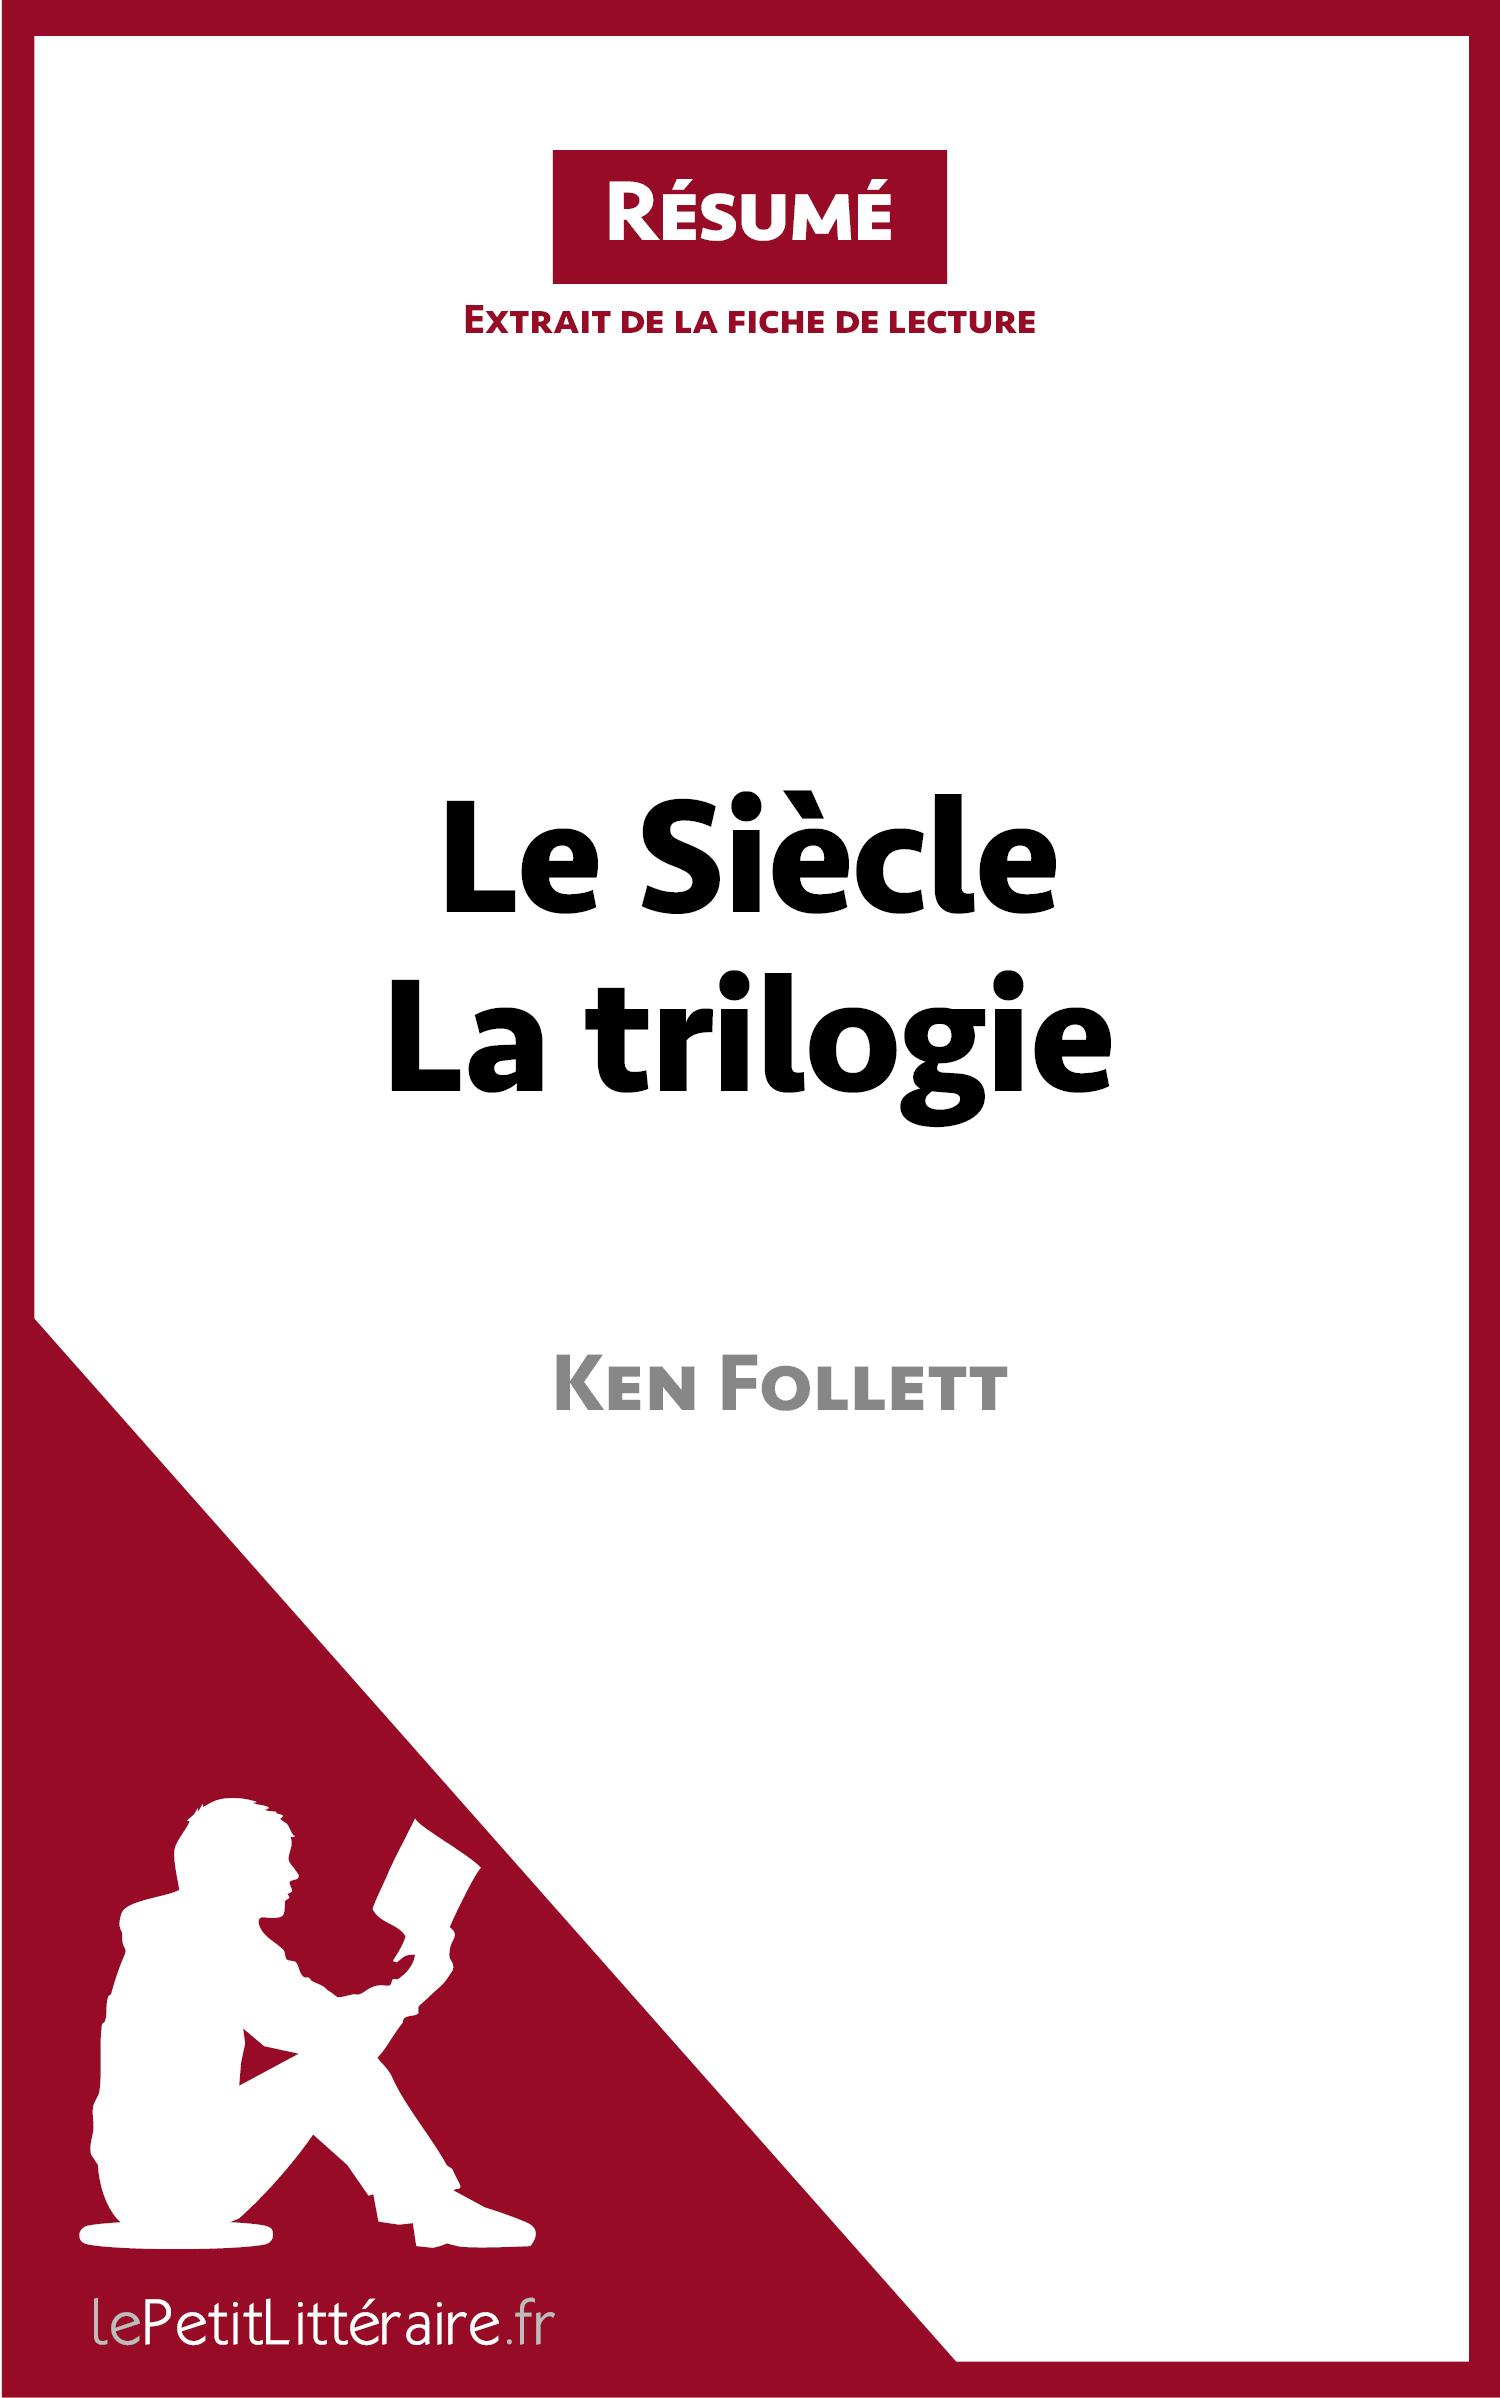 Le Siècle - La trilogie